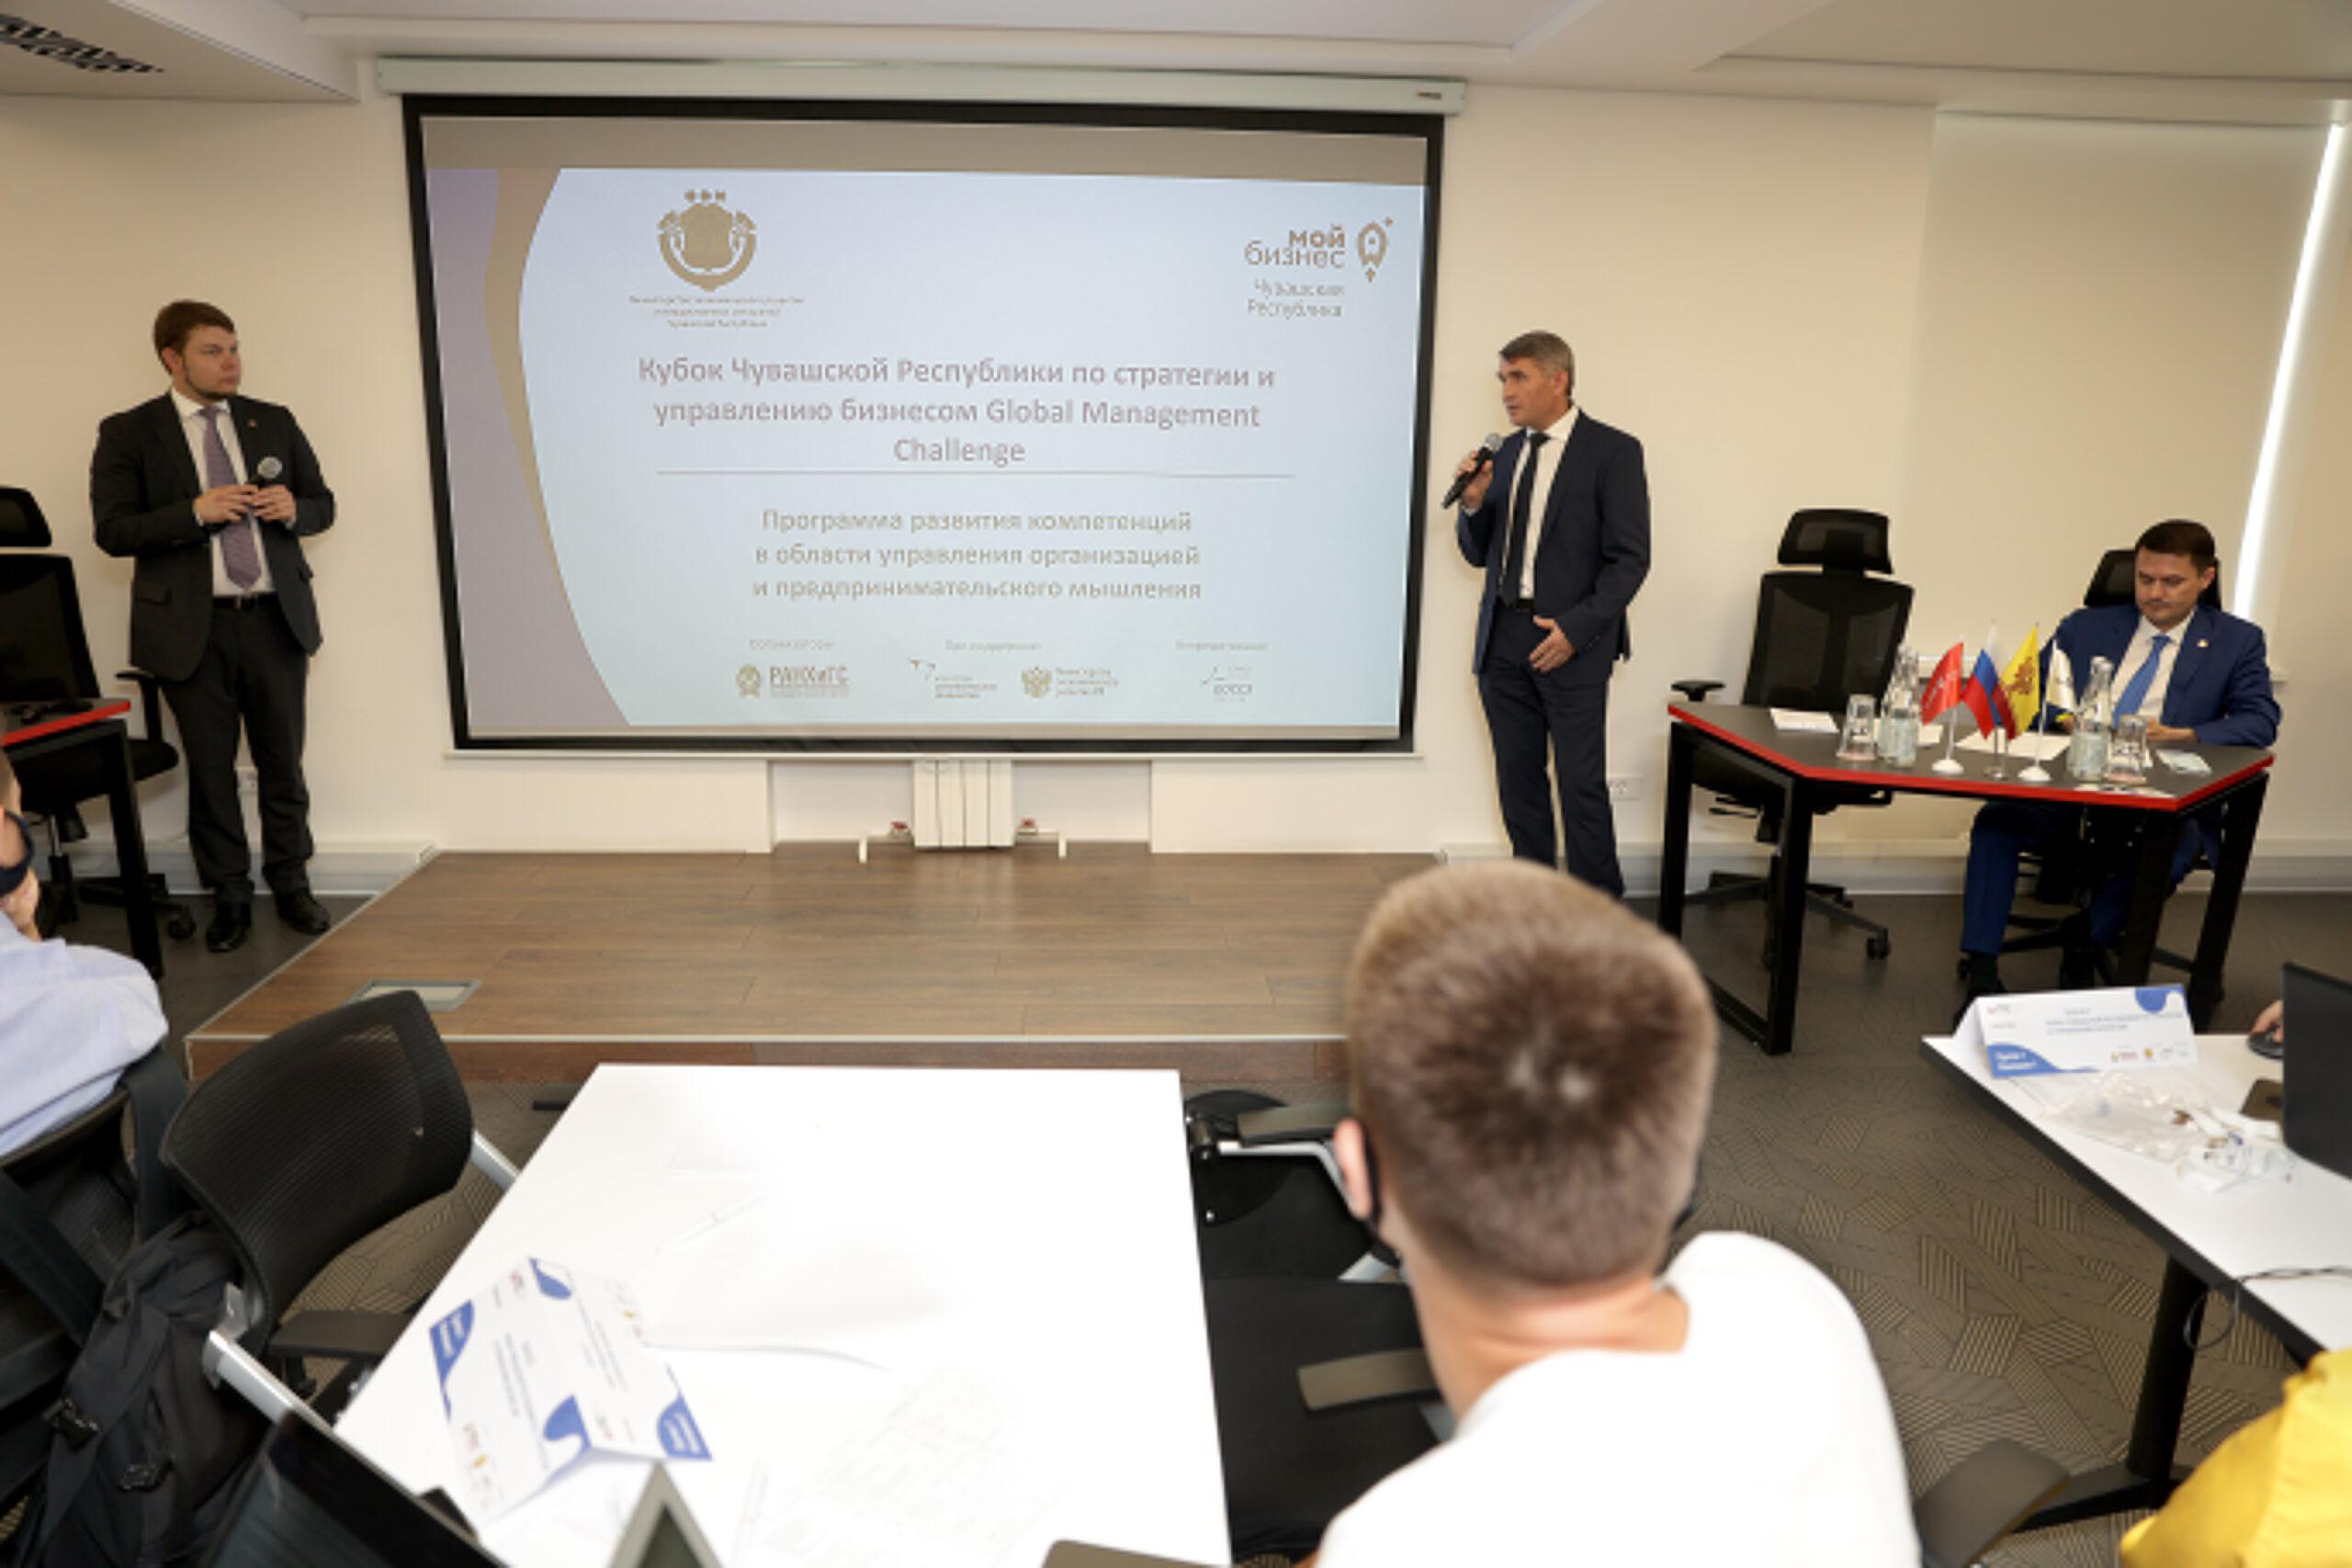 Чувашия впервые принимает участие в национальном управленческом чемпионате Global Management Challenge